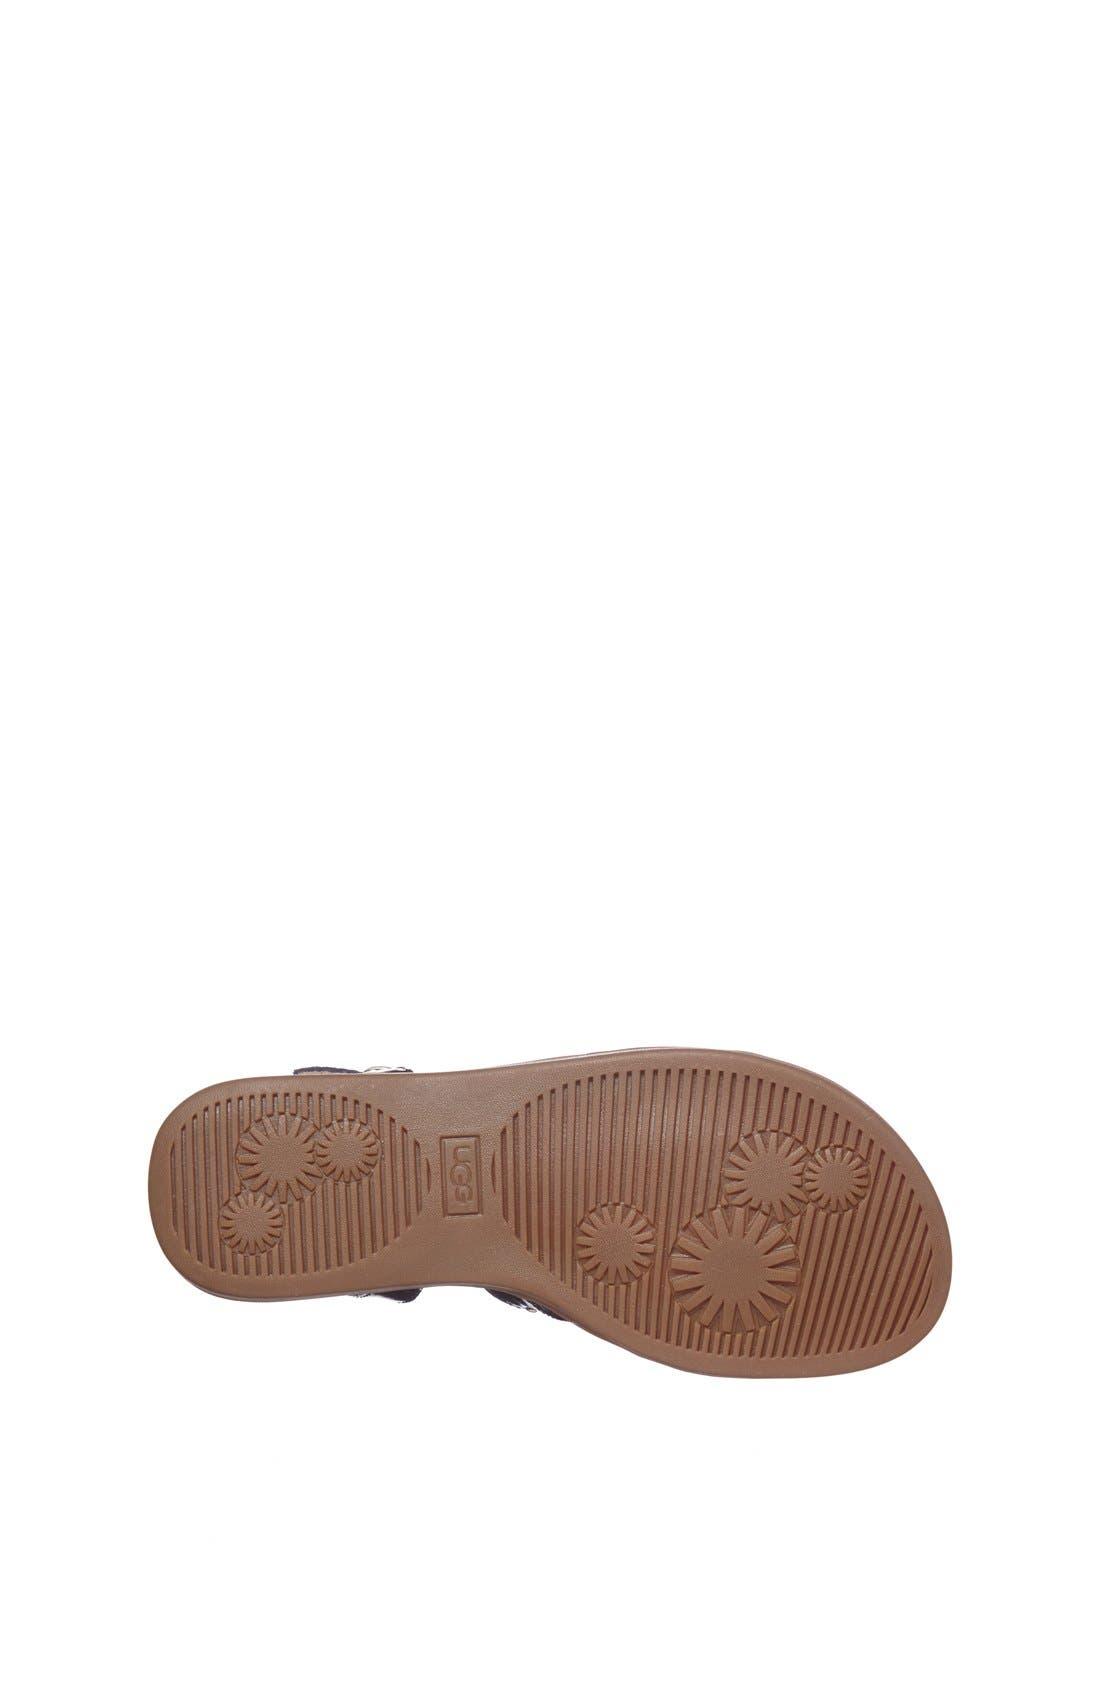 Alternate Image 4  - UGG® Australia 'Krystie' Studded Leather Sandal (Little Kid & Big Kid)